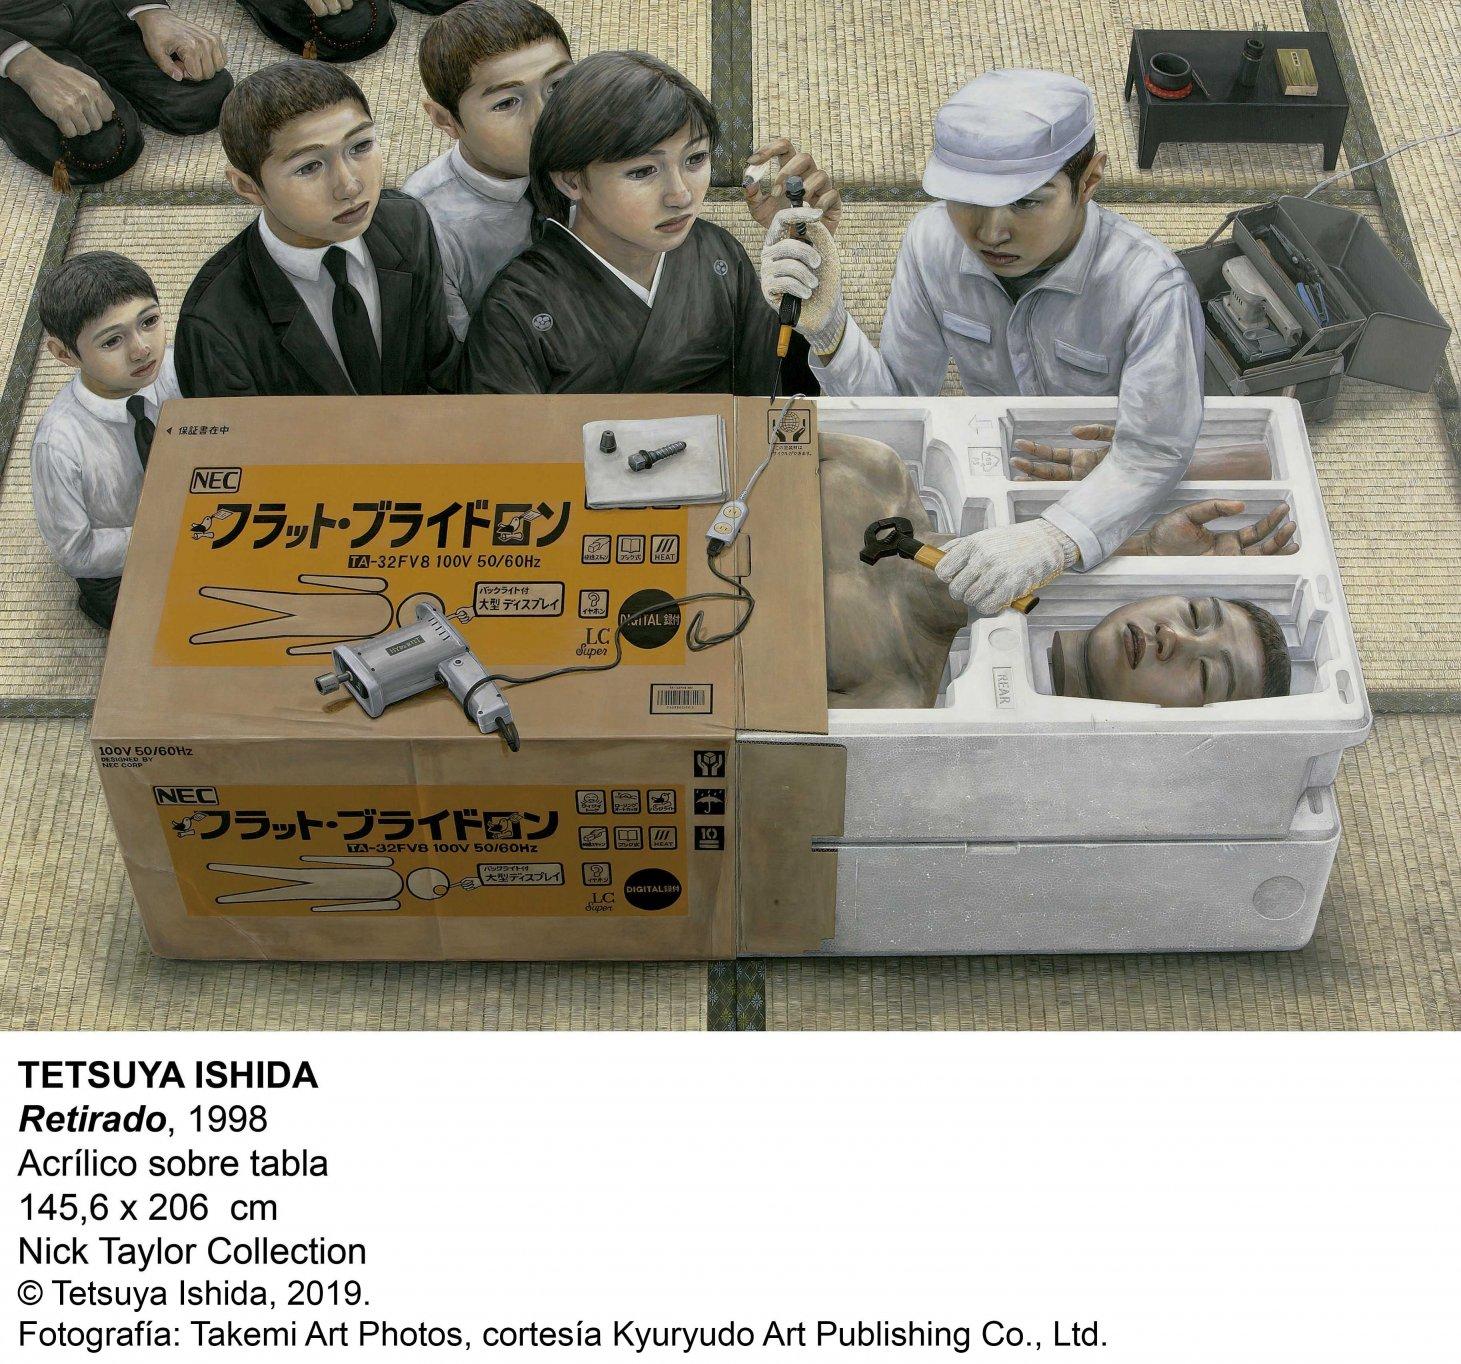 Retirado (1998) - Tetsuya Ishida